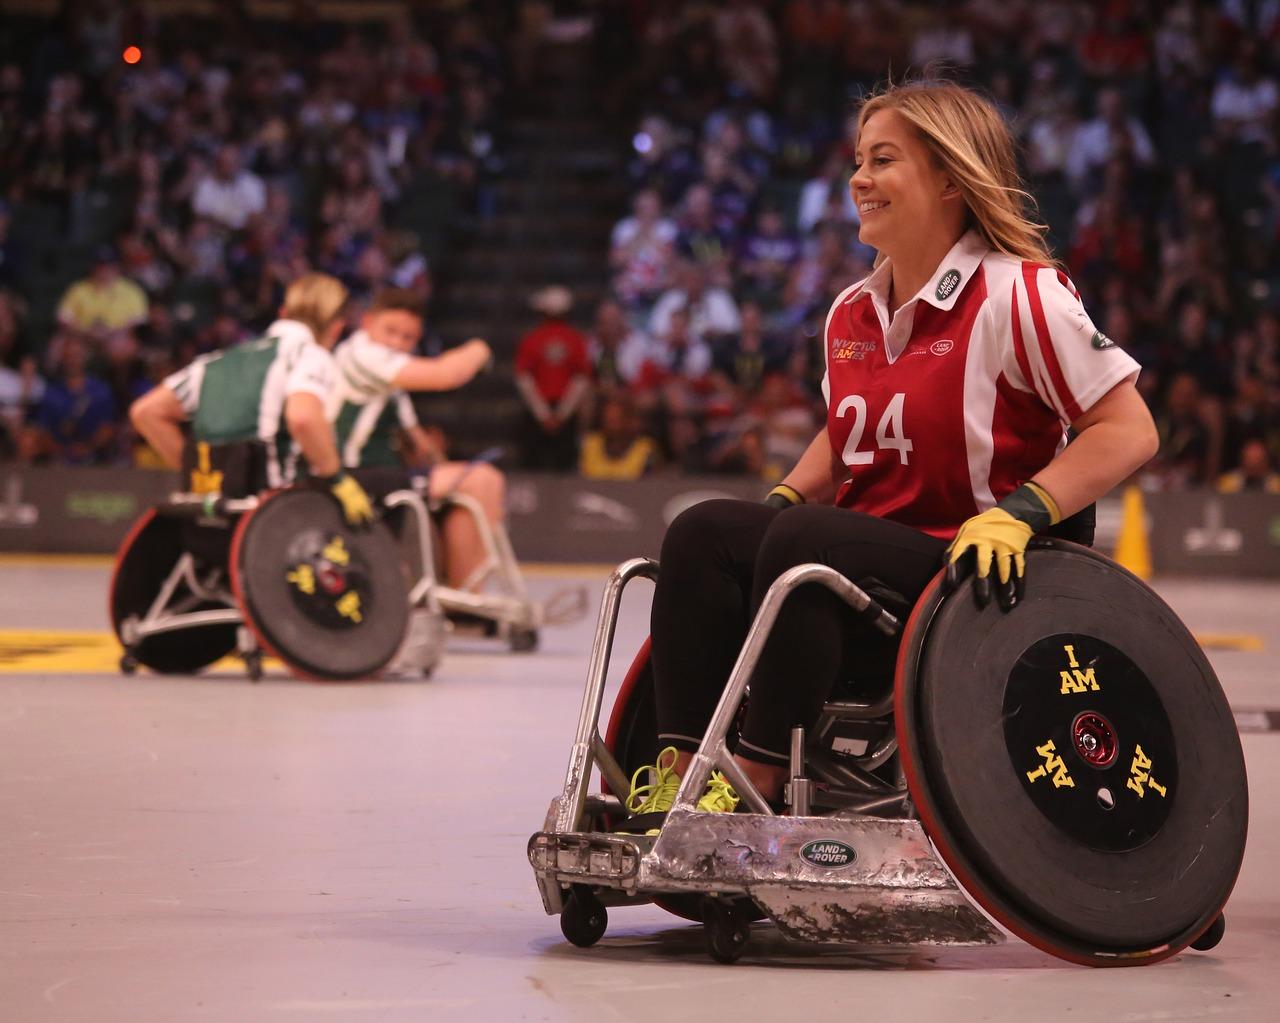 2)Penser au sport pour des personnes handicapées.